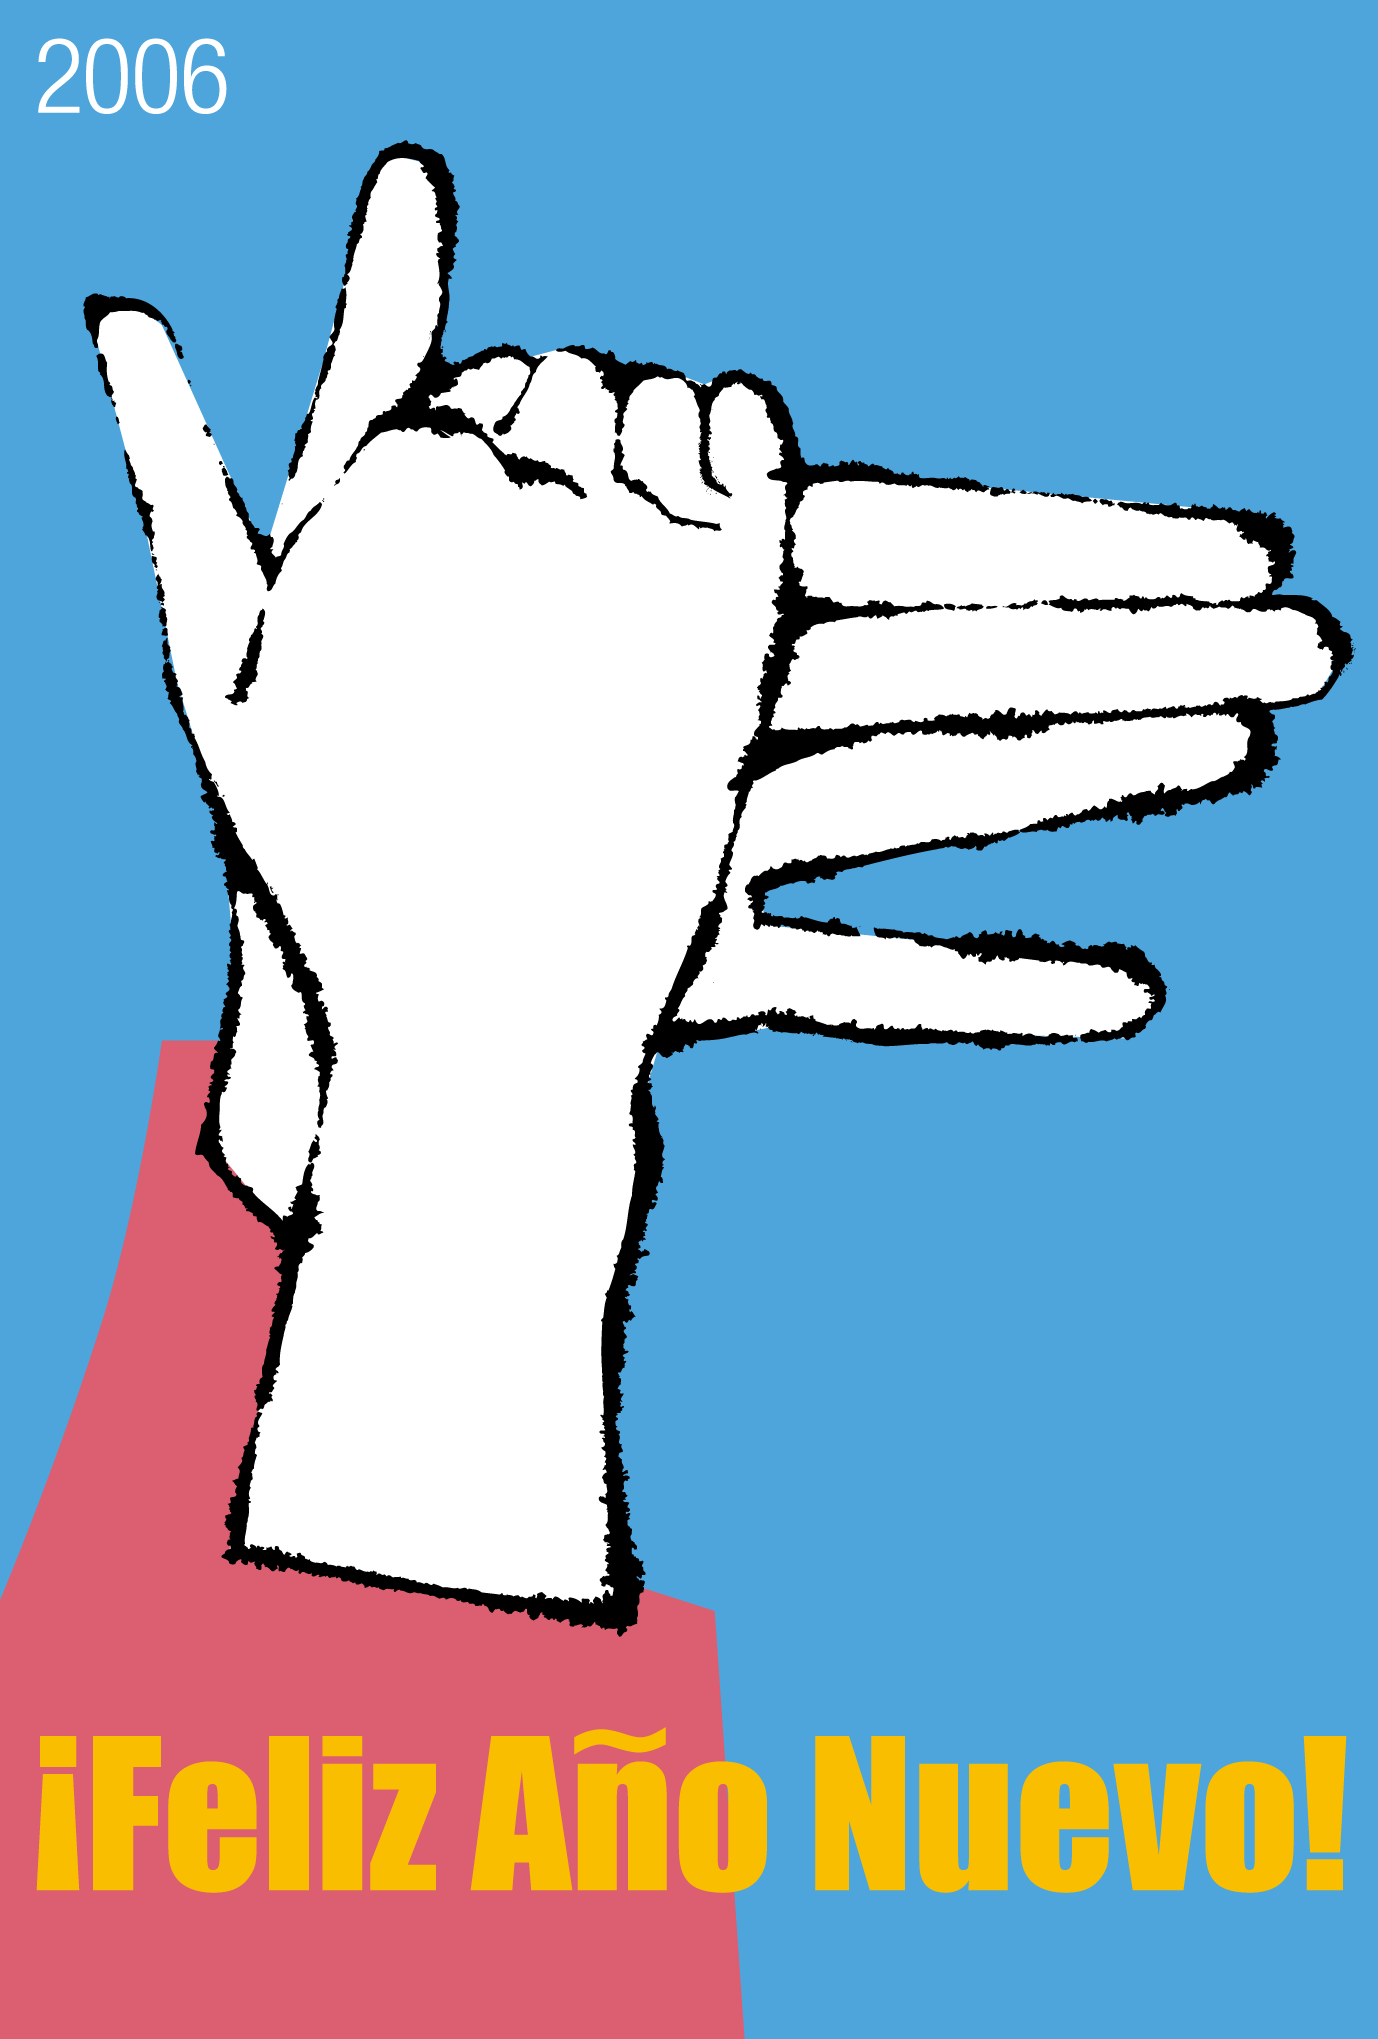 2006年賀状27:Hand made dog / Spanishのダウンロード画像